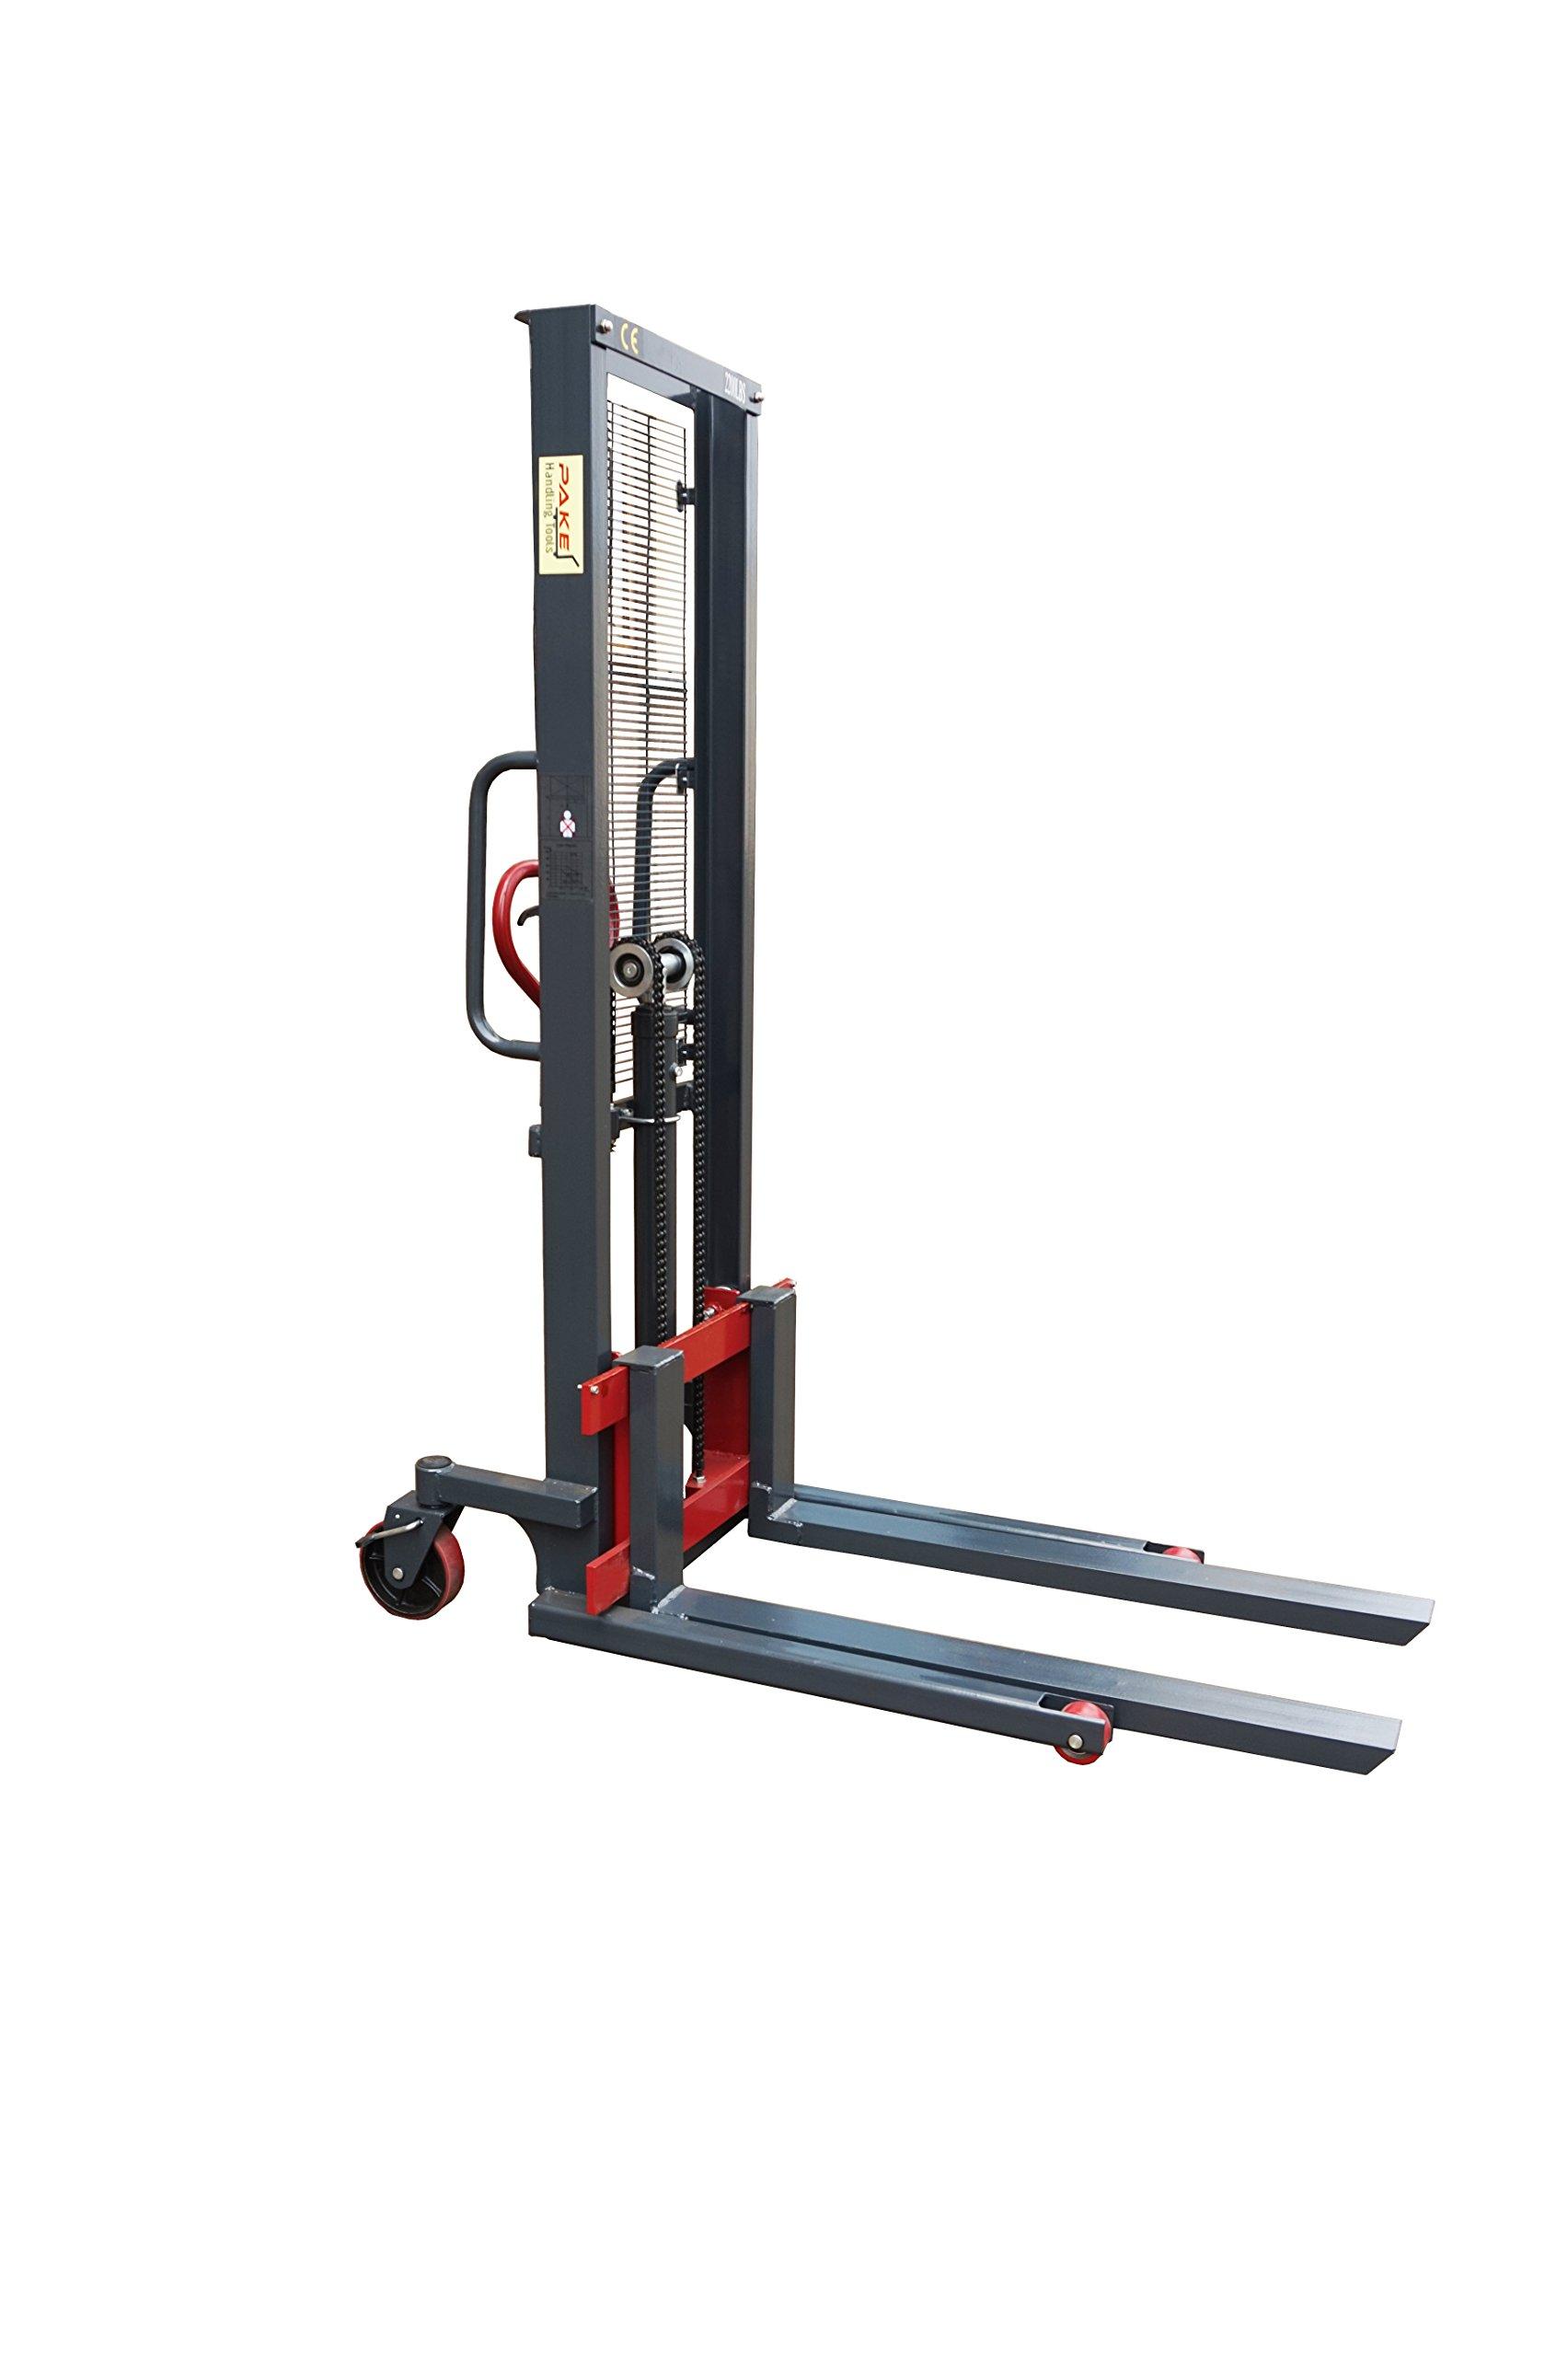 Pake Handling Tools - Manual Stacker, Hand Pump Lift Truck 2200 lbs Capacity